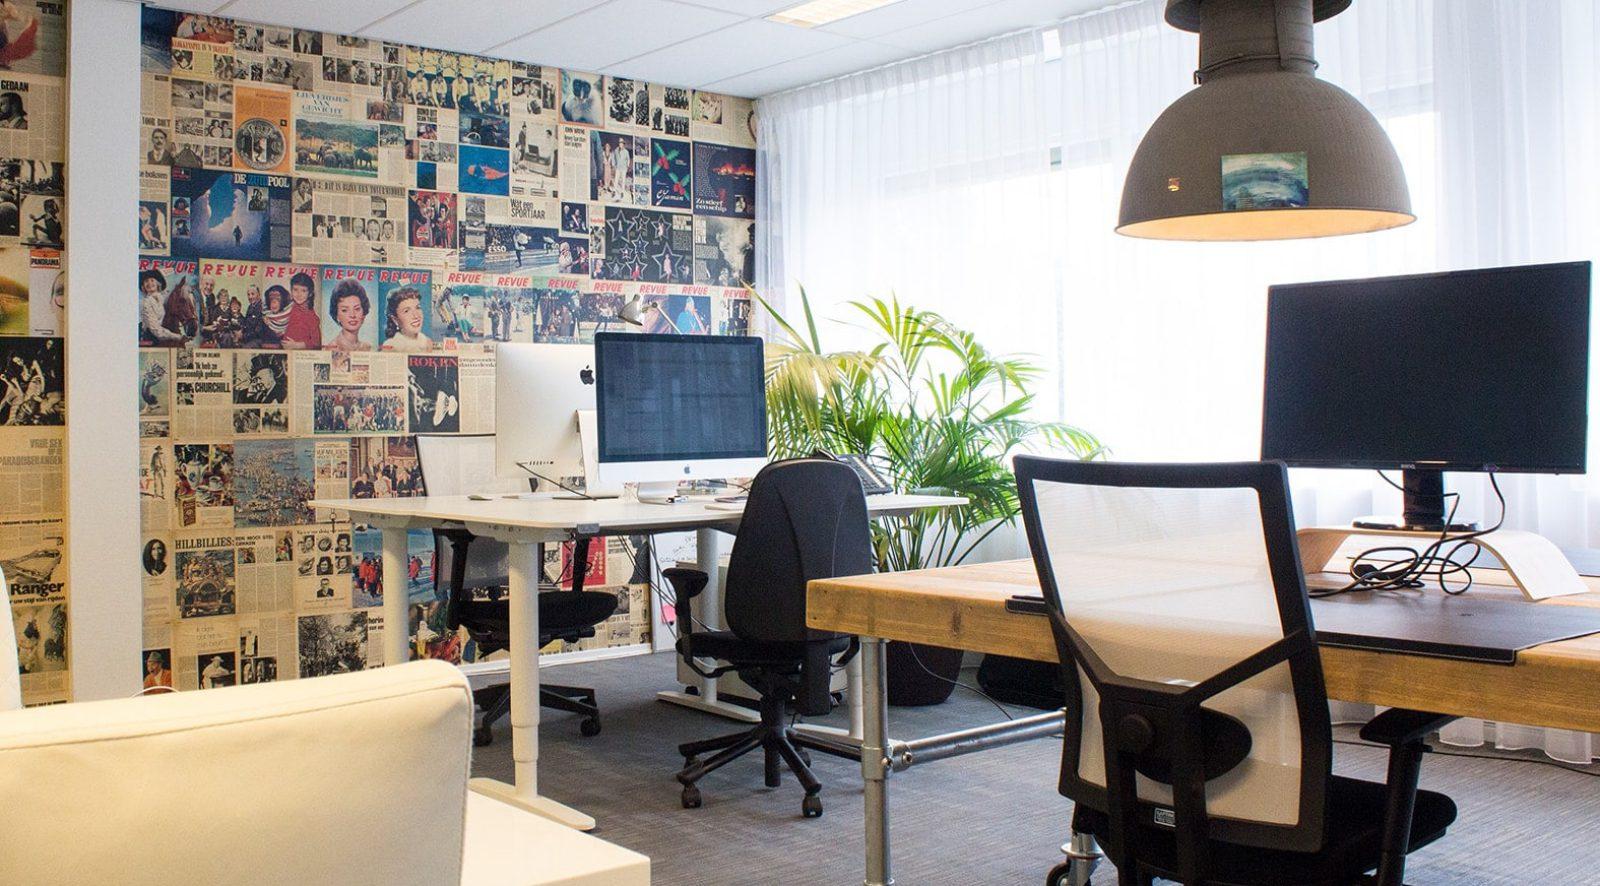 Bedrijfsruimte | Crown Business Center Haarlem